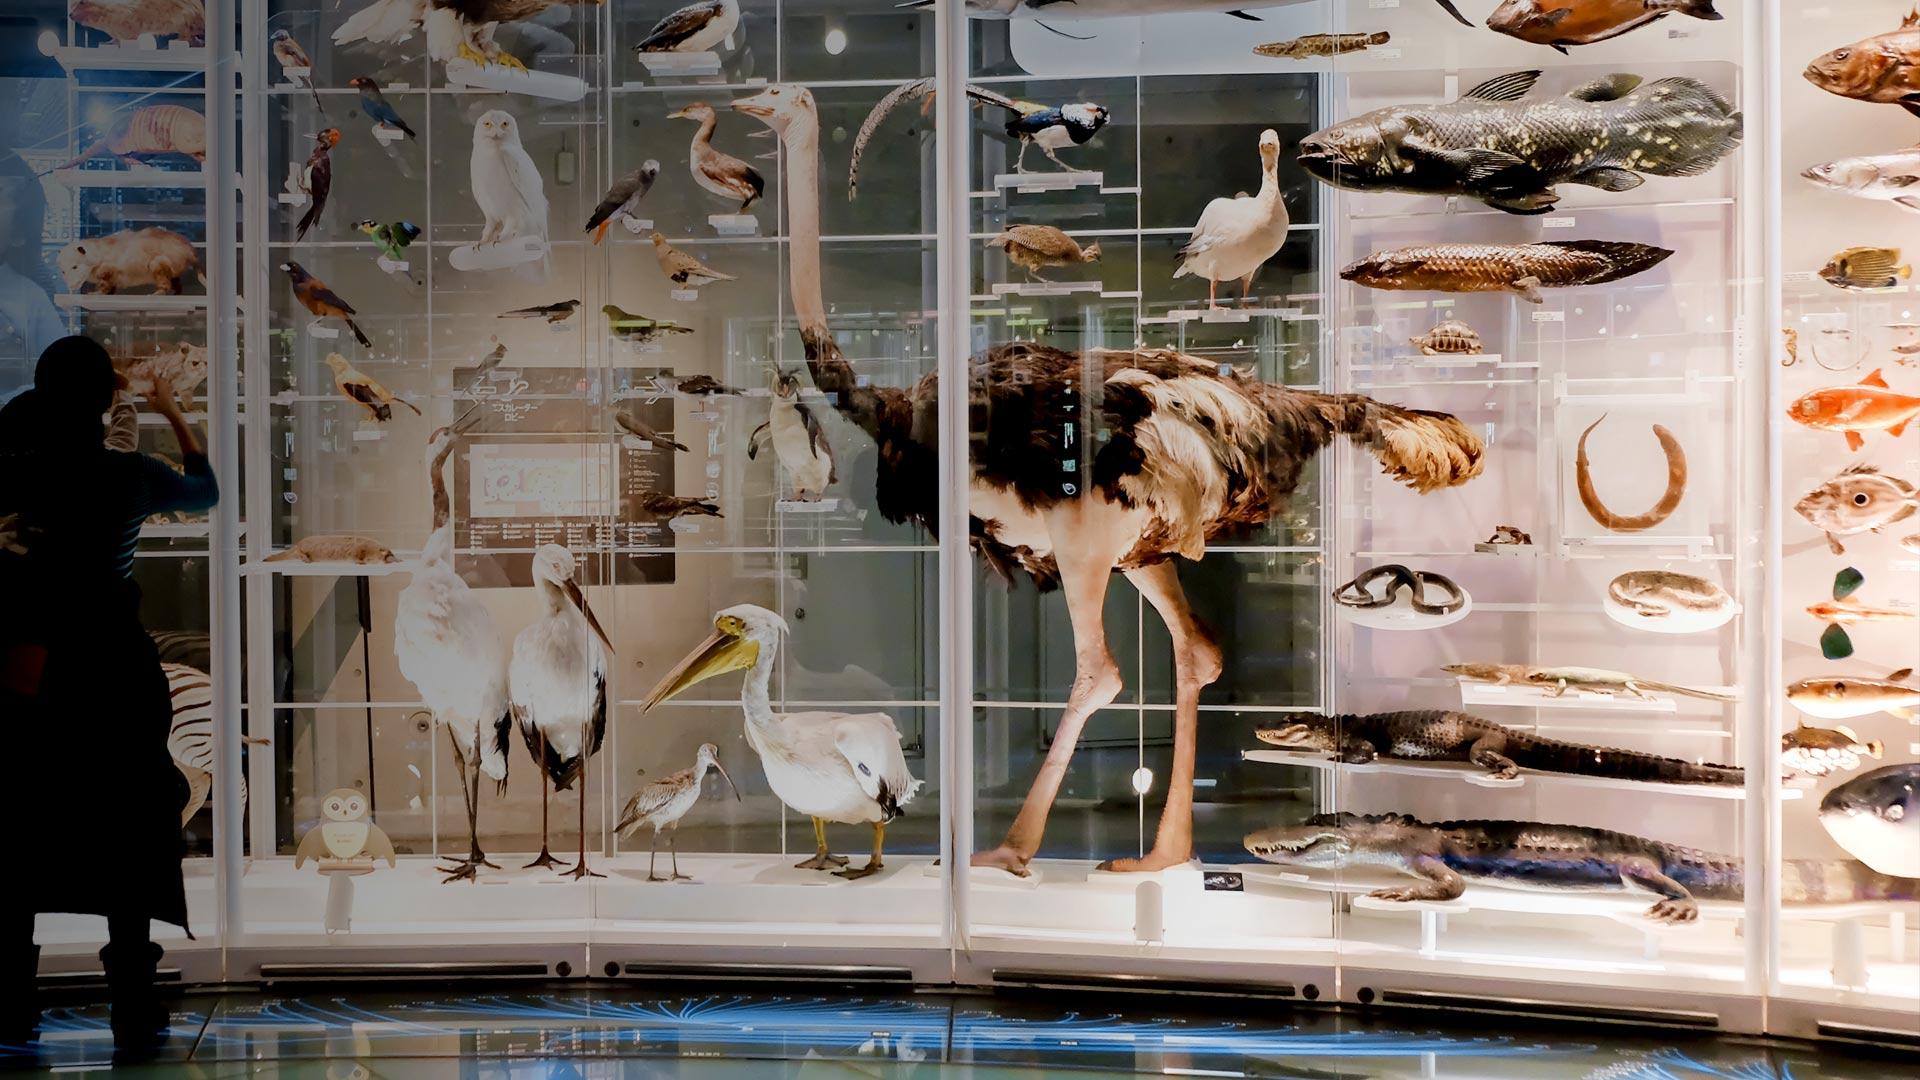 「国立科学博物館」東京, 台東区 (© WindAwake/Shutterstock)